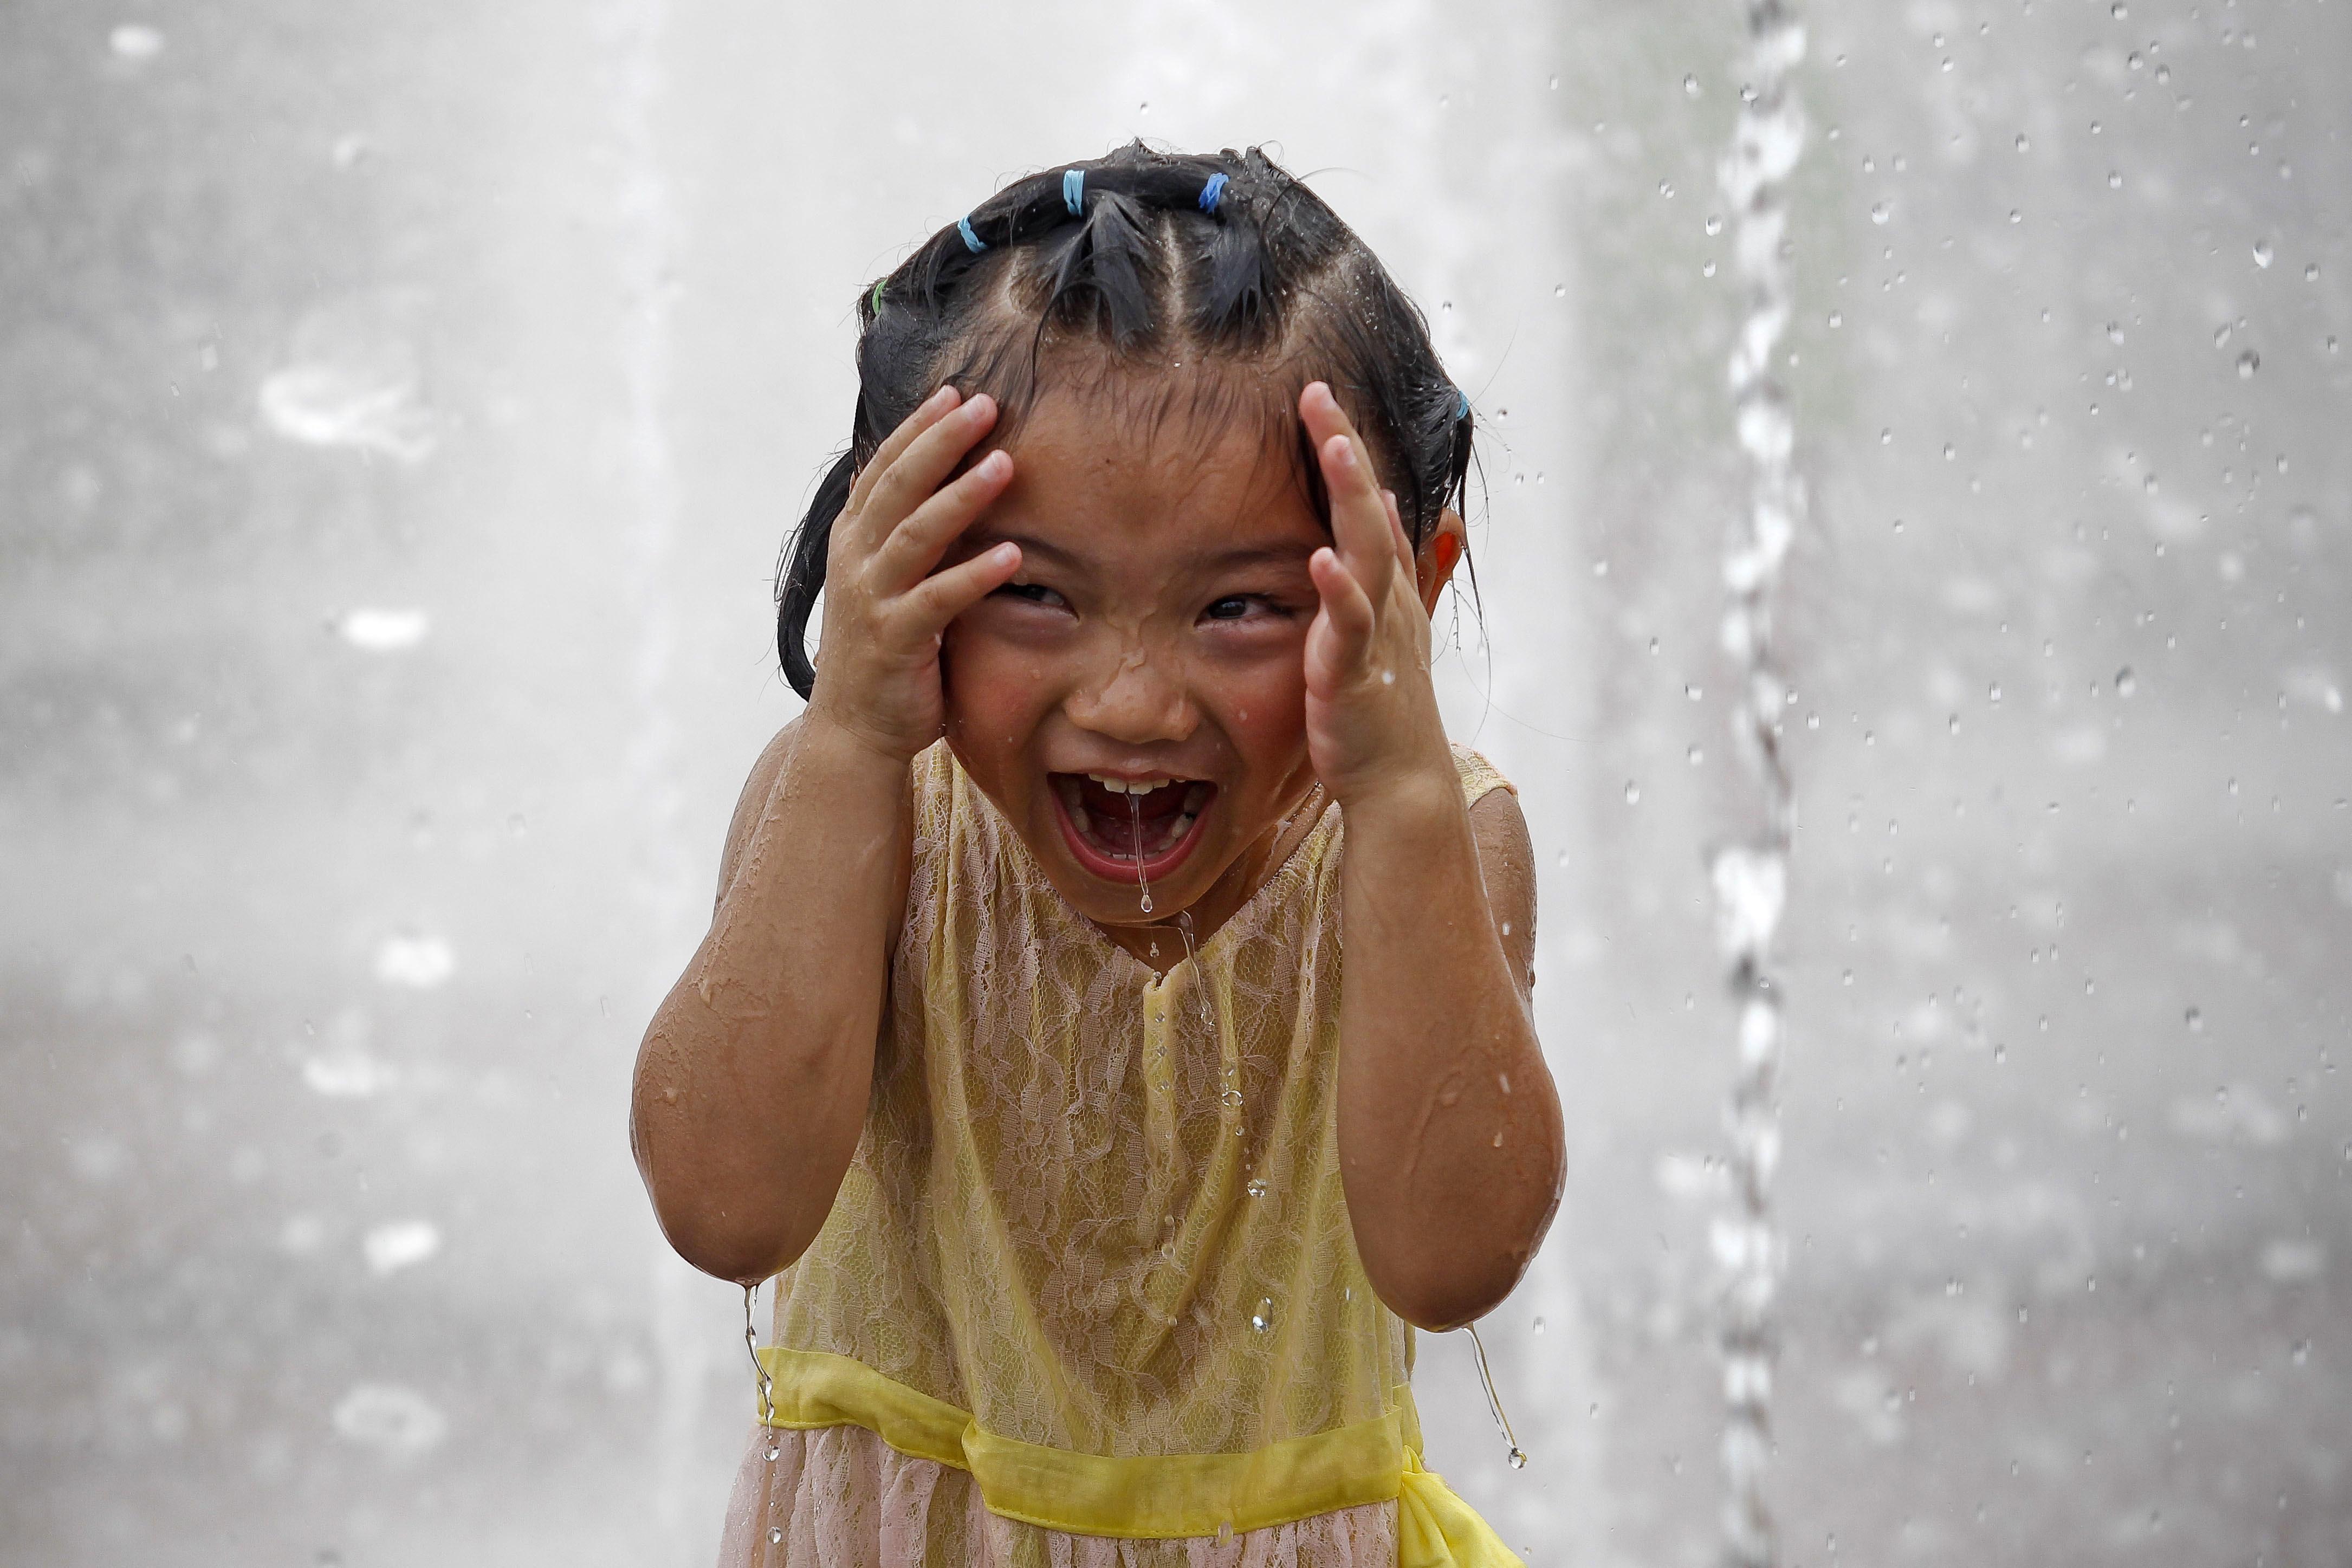 Perché i bambini ridono? Ecco la risposta di un recente studio